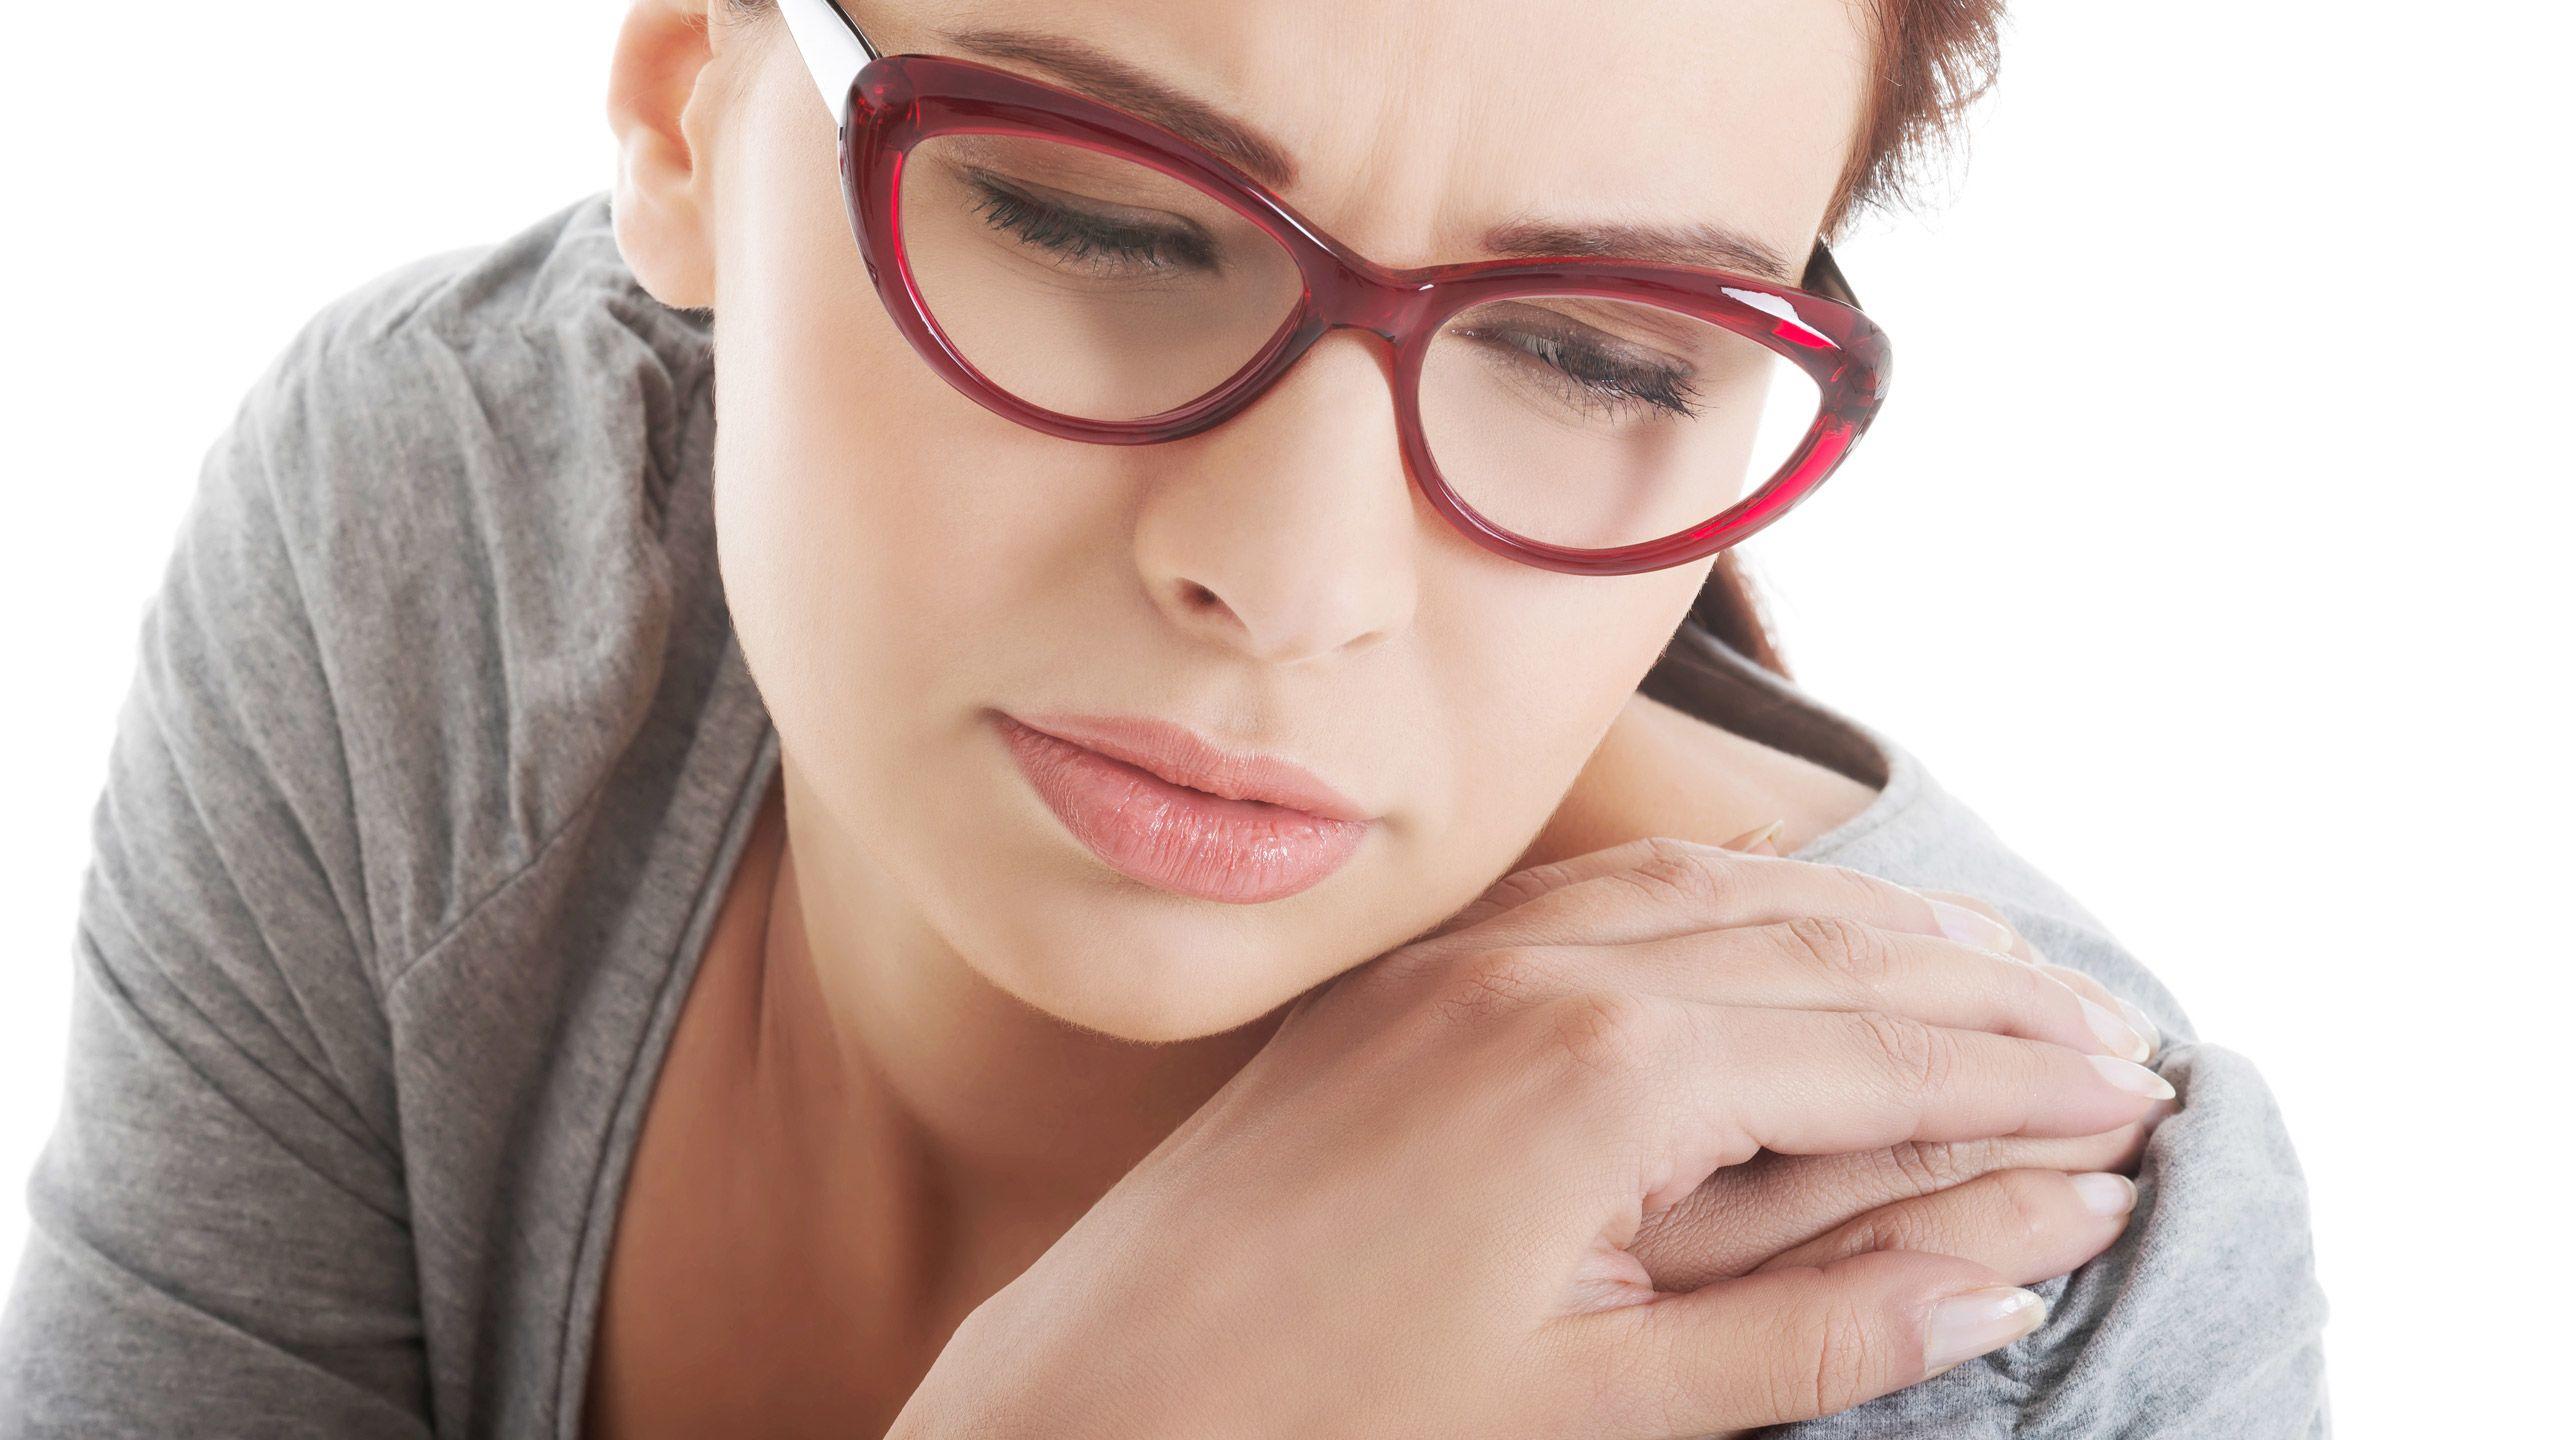 9 Ways to Live Better With Rheumatoid Arthritis